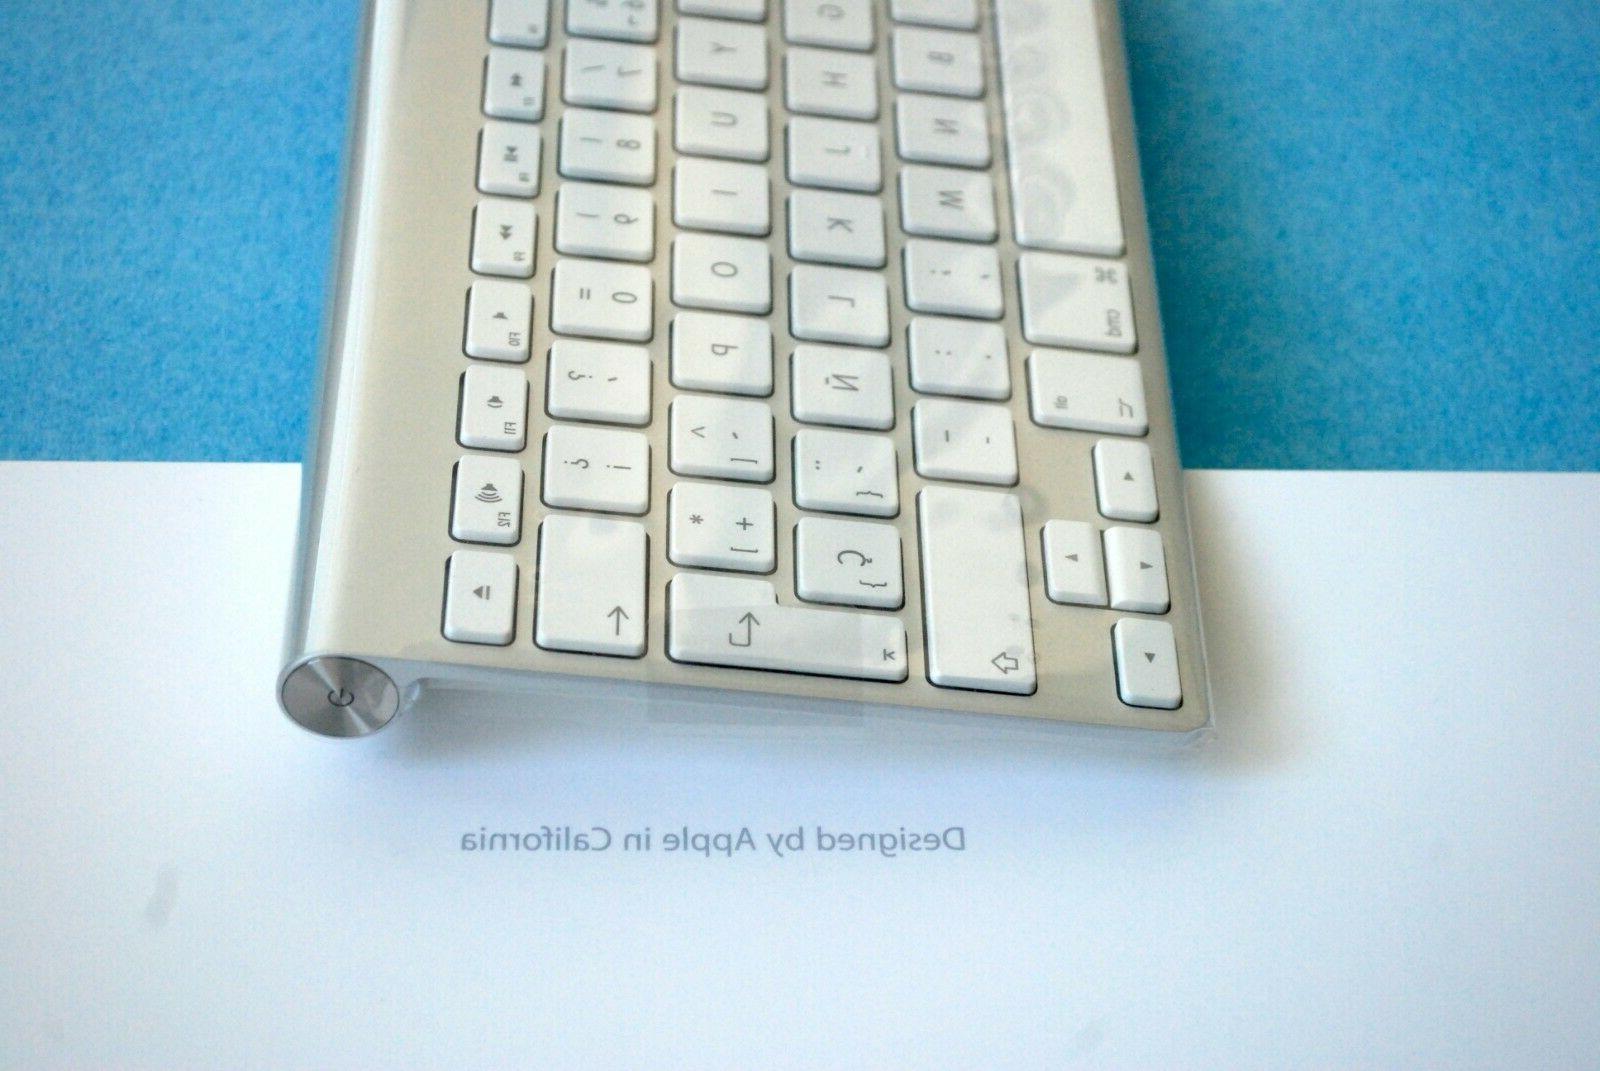 New A1314 Wireless Keyboard MC184LL/C